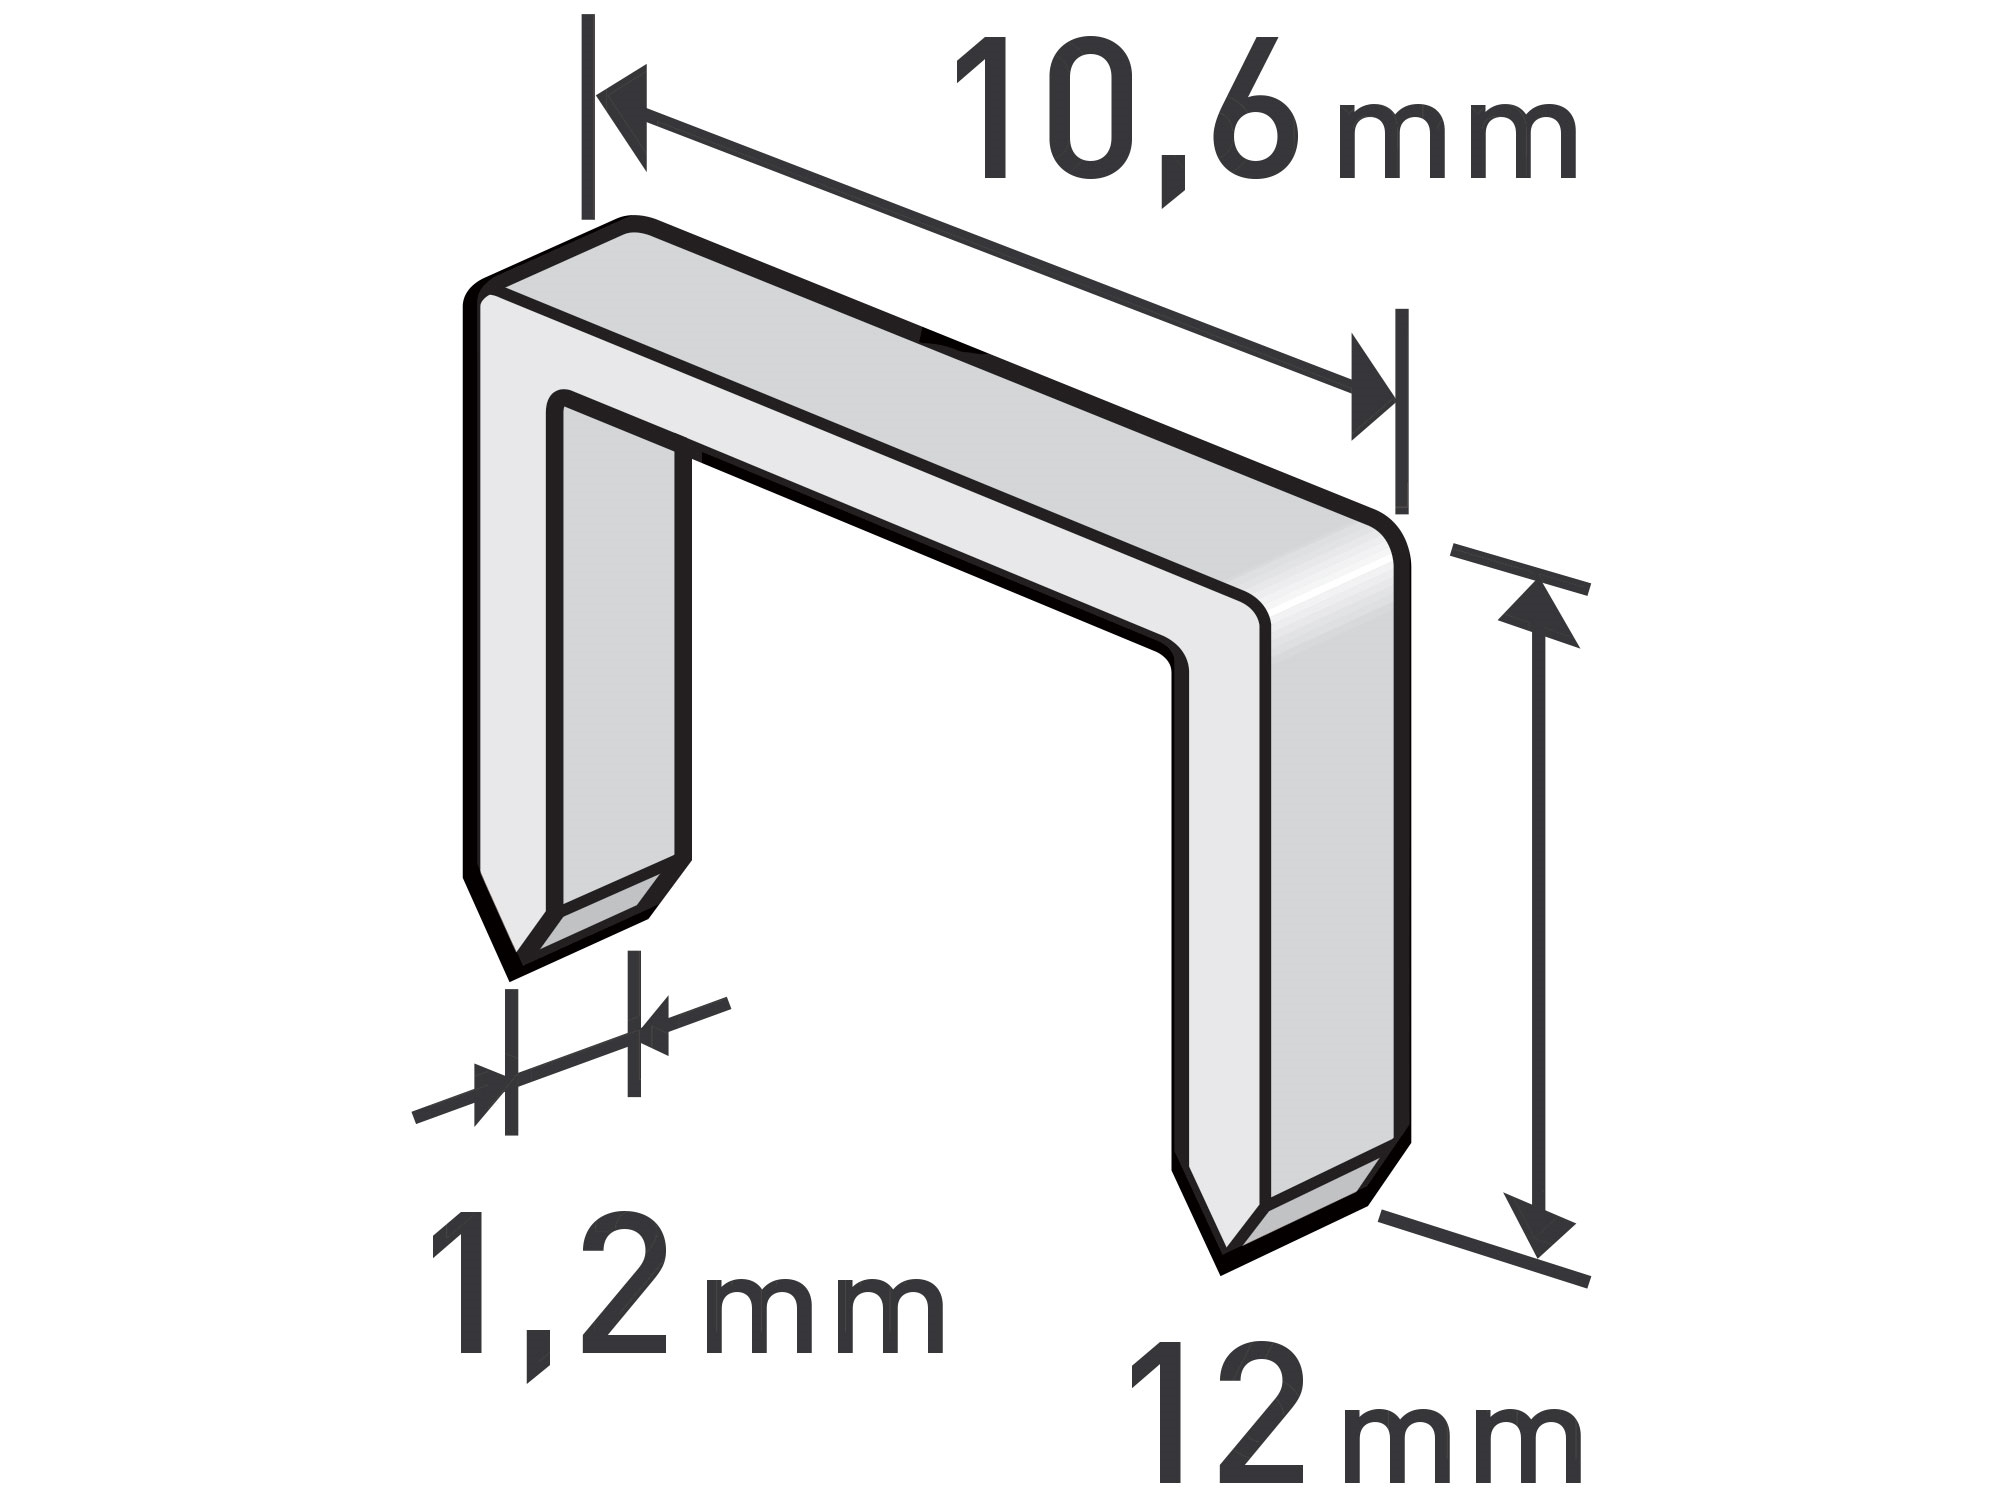 spony, balení 1000ks, 12mm, 10,6x0,52x1,2mm, EXTOL PREMIUM 8852204